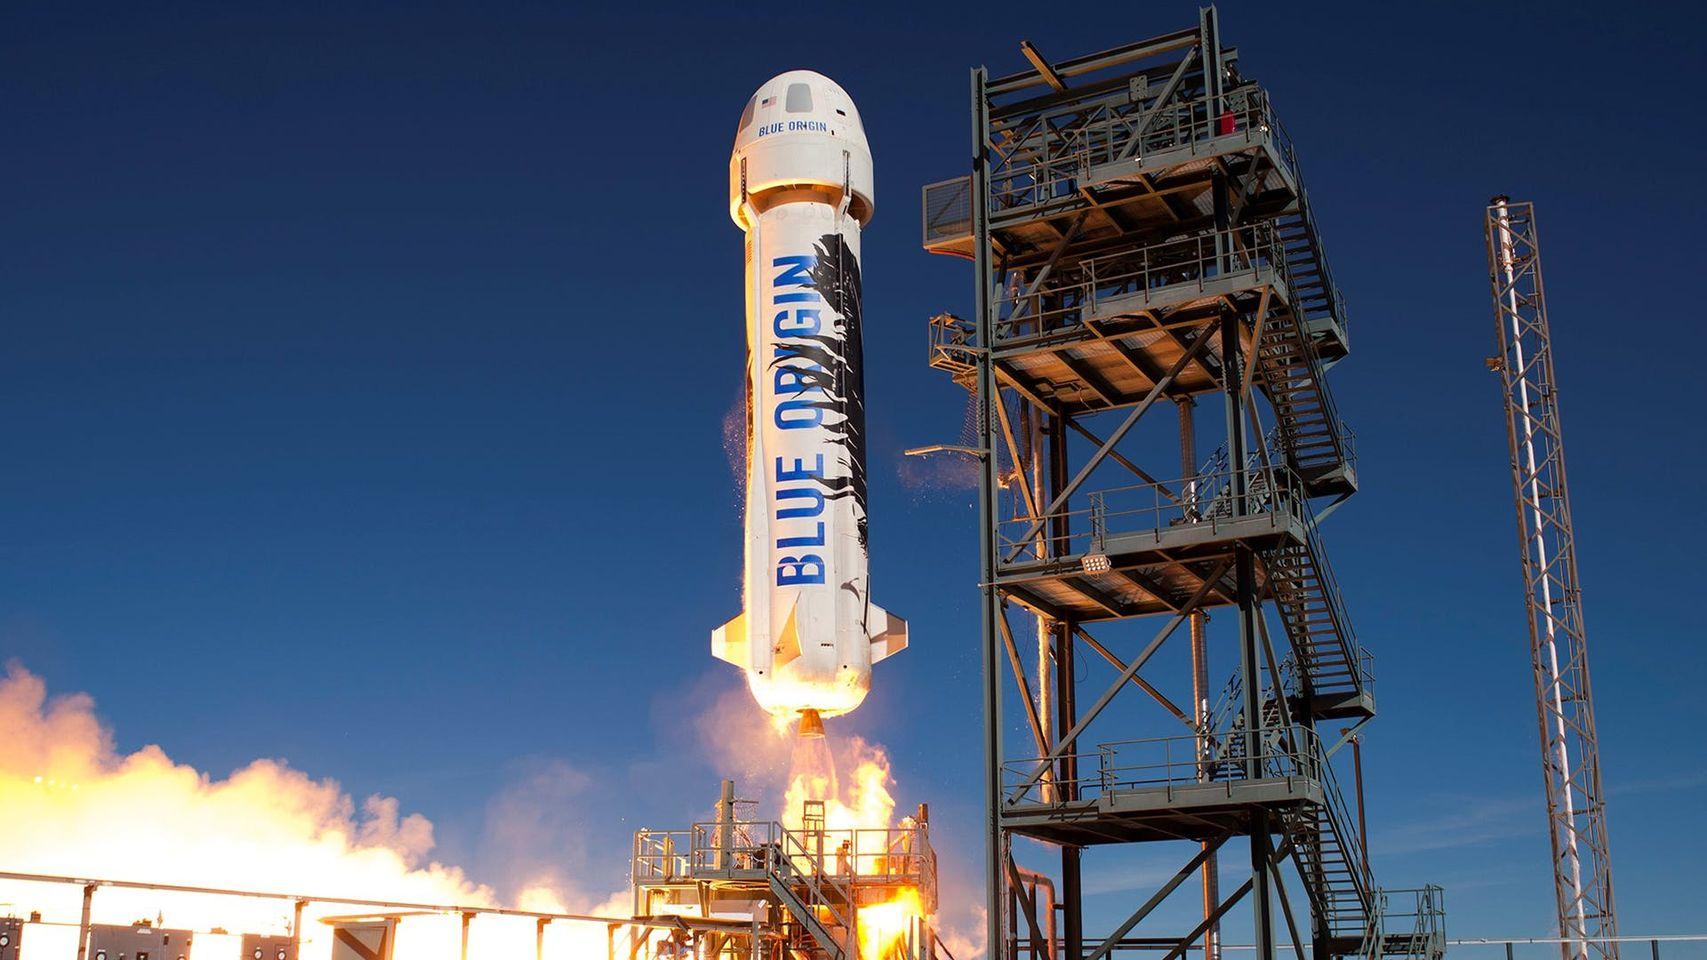 Jeff Bezos andrà nello spazio con un razzo Blue Origin il prossimo 20 luglio